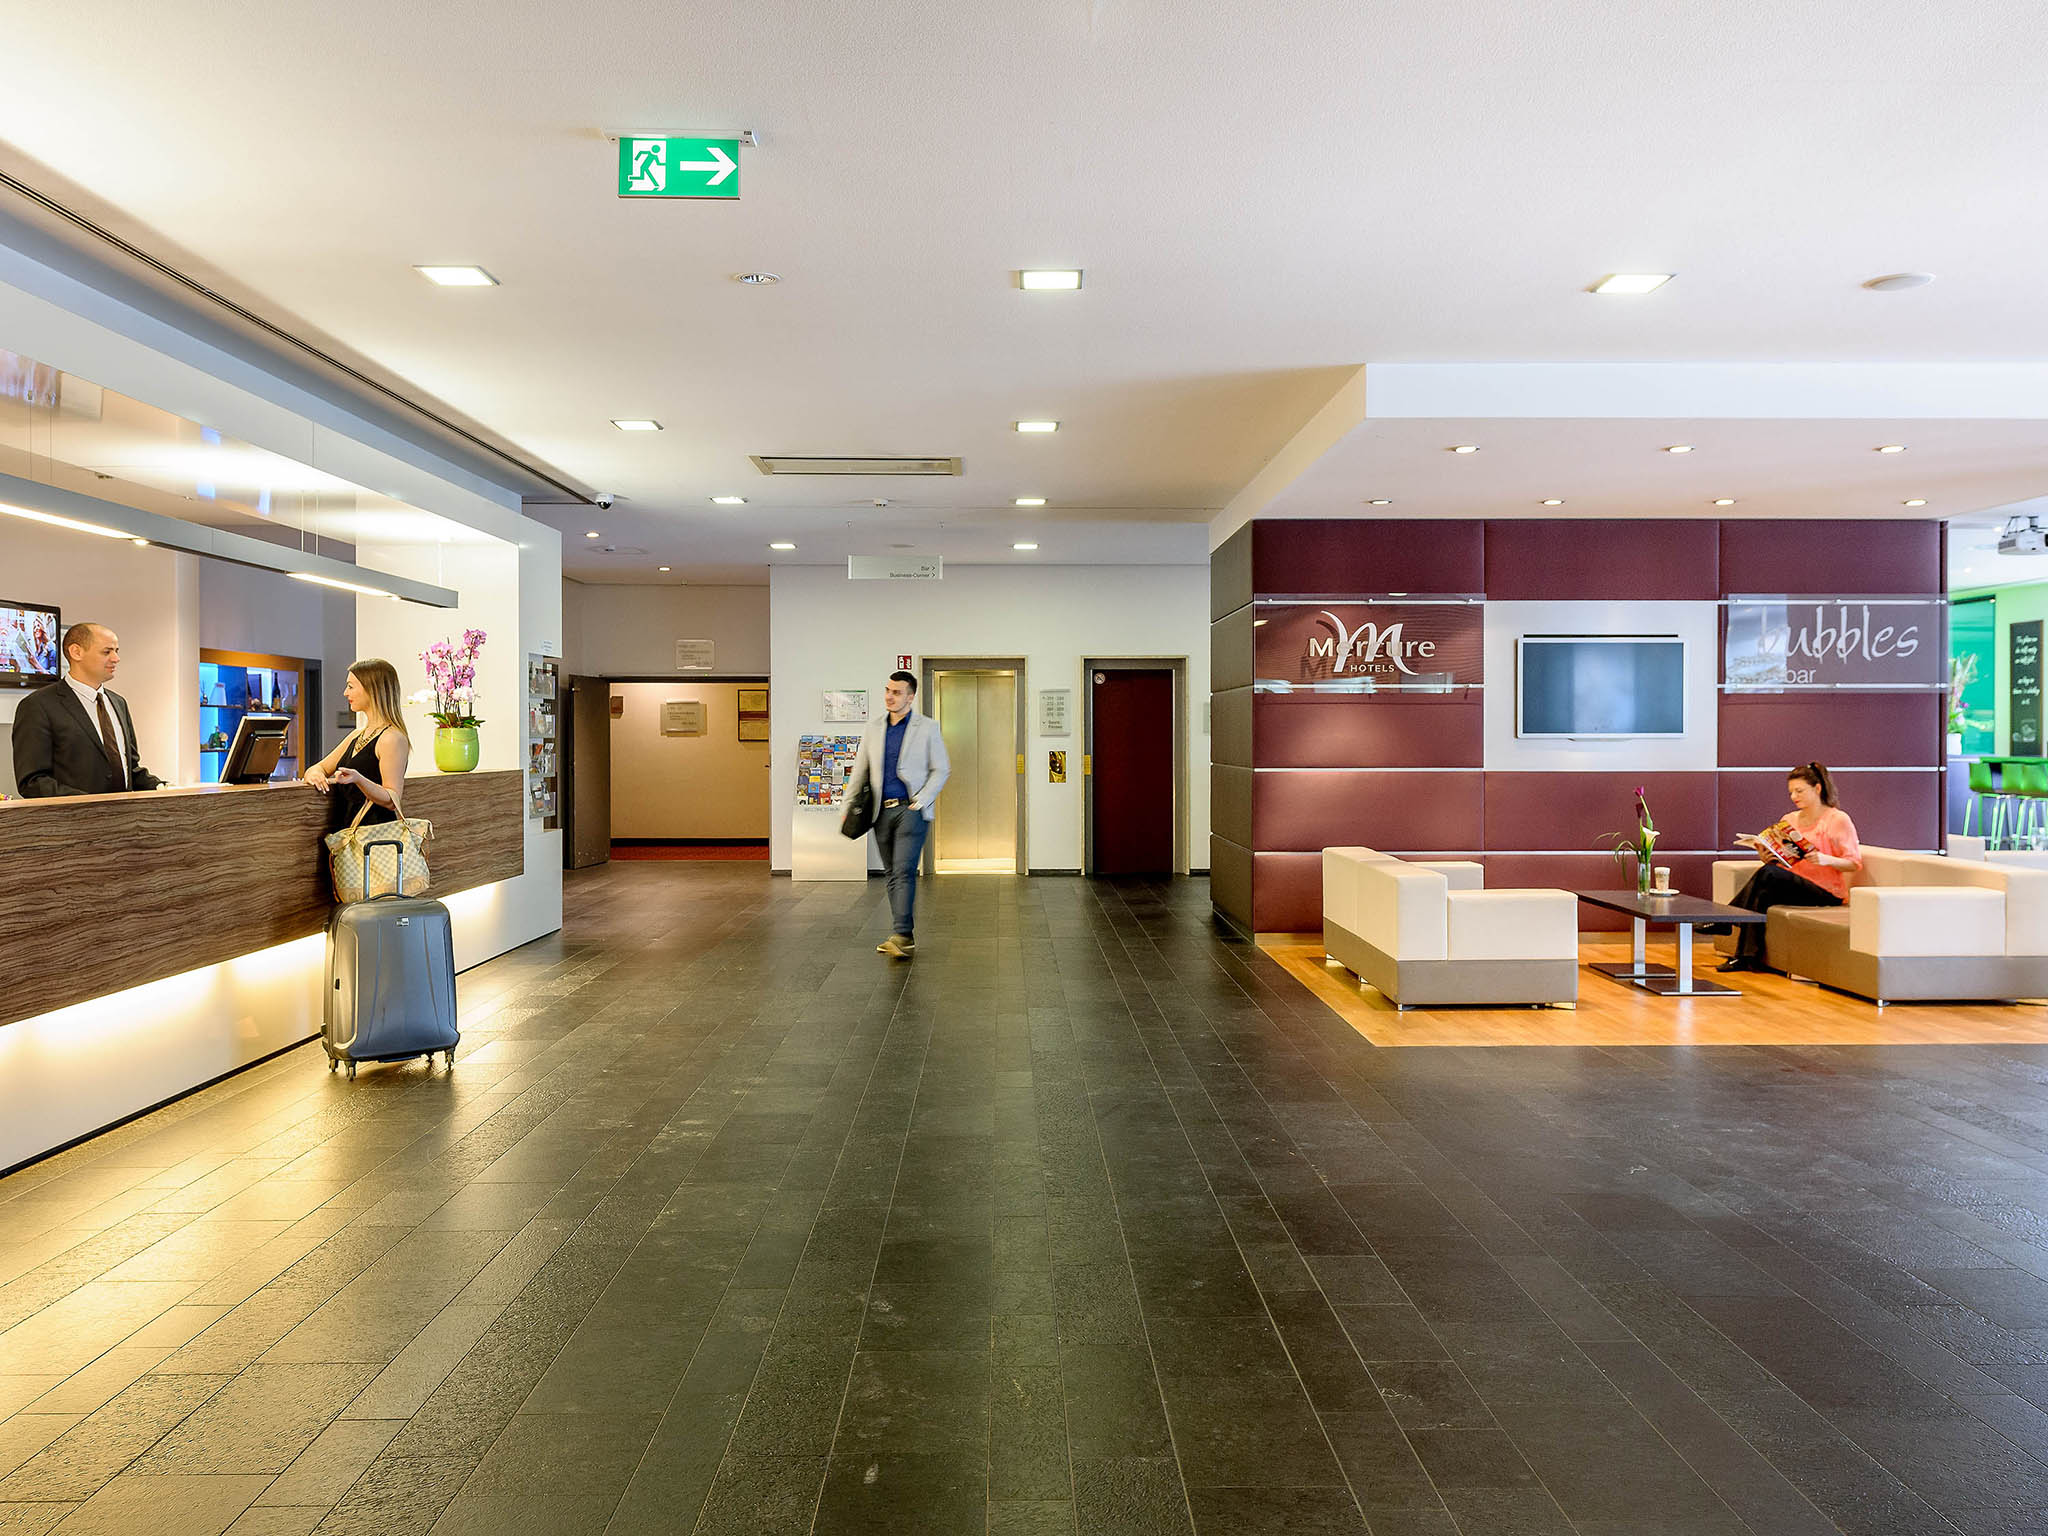 ホテル – メルキュール ホテル ミュンヘン ズュート メッセ